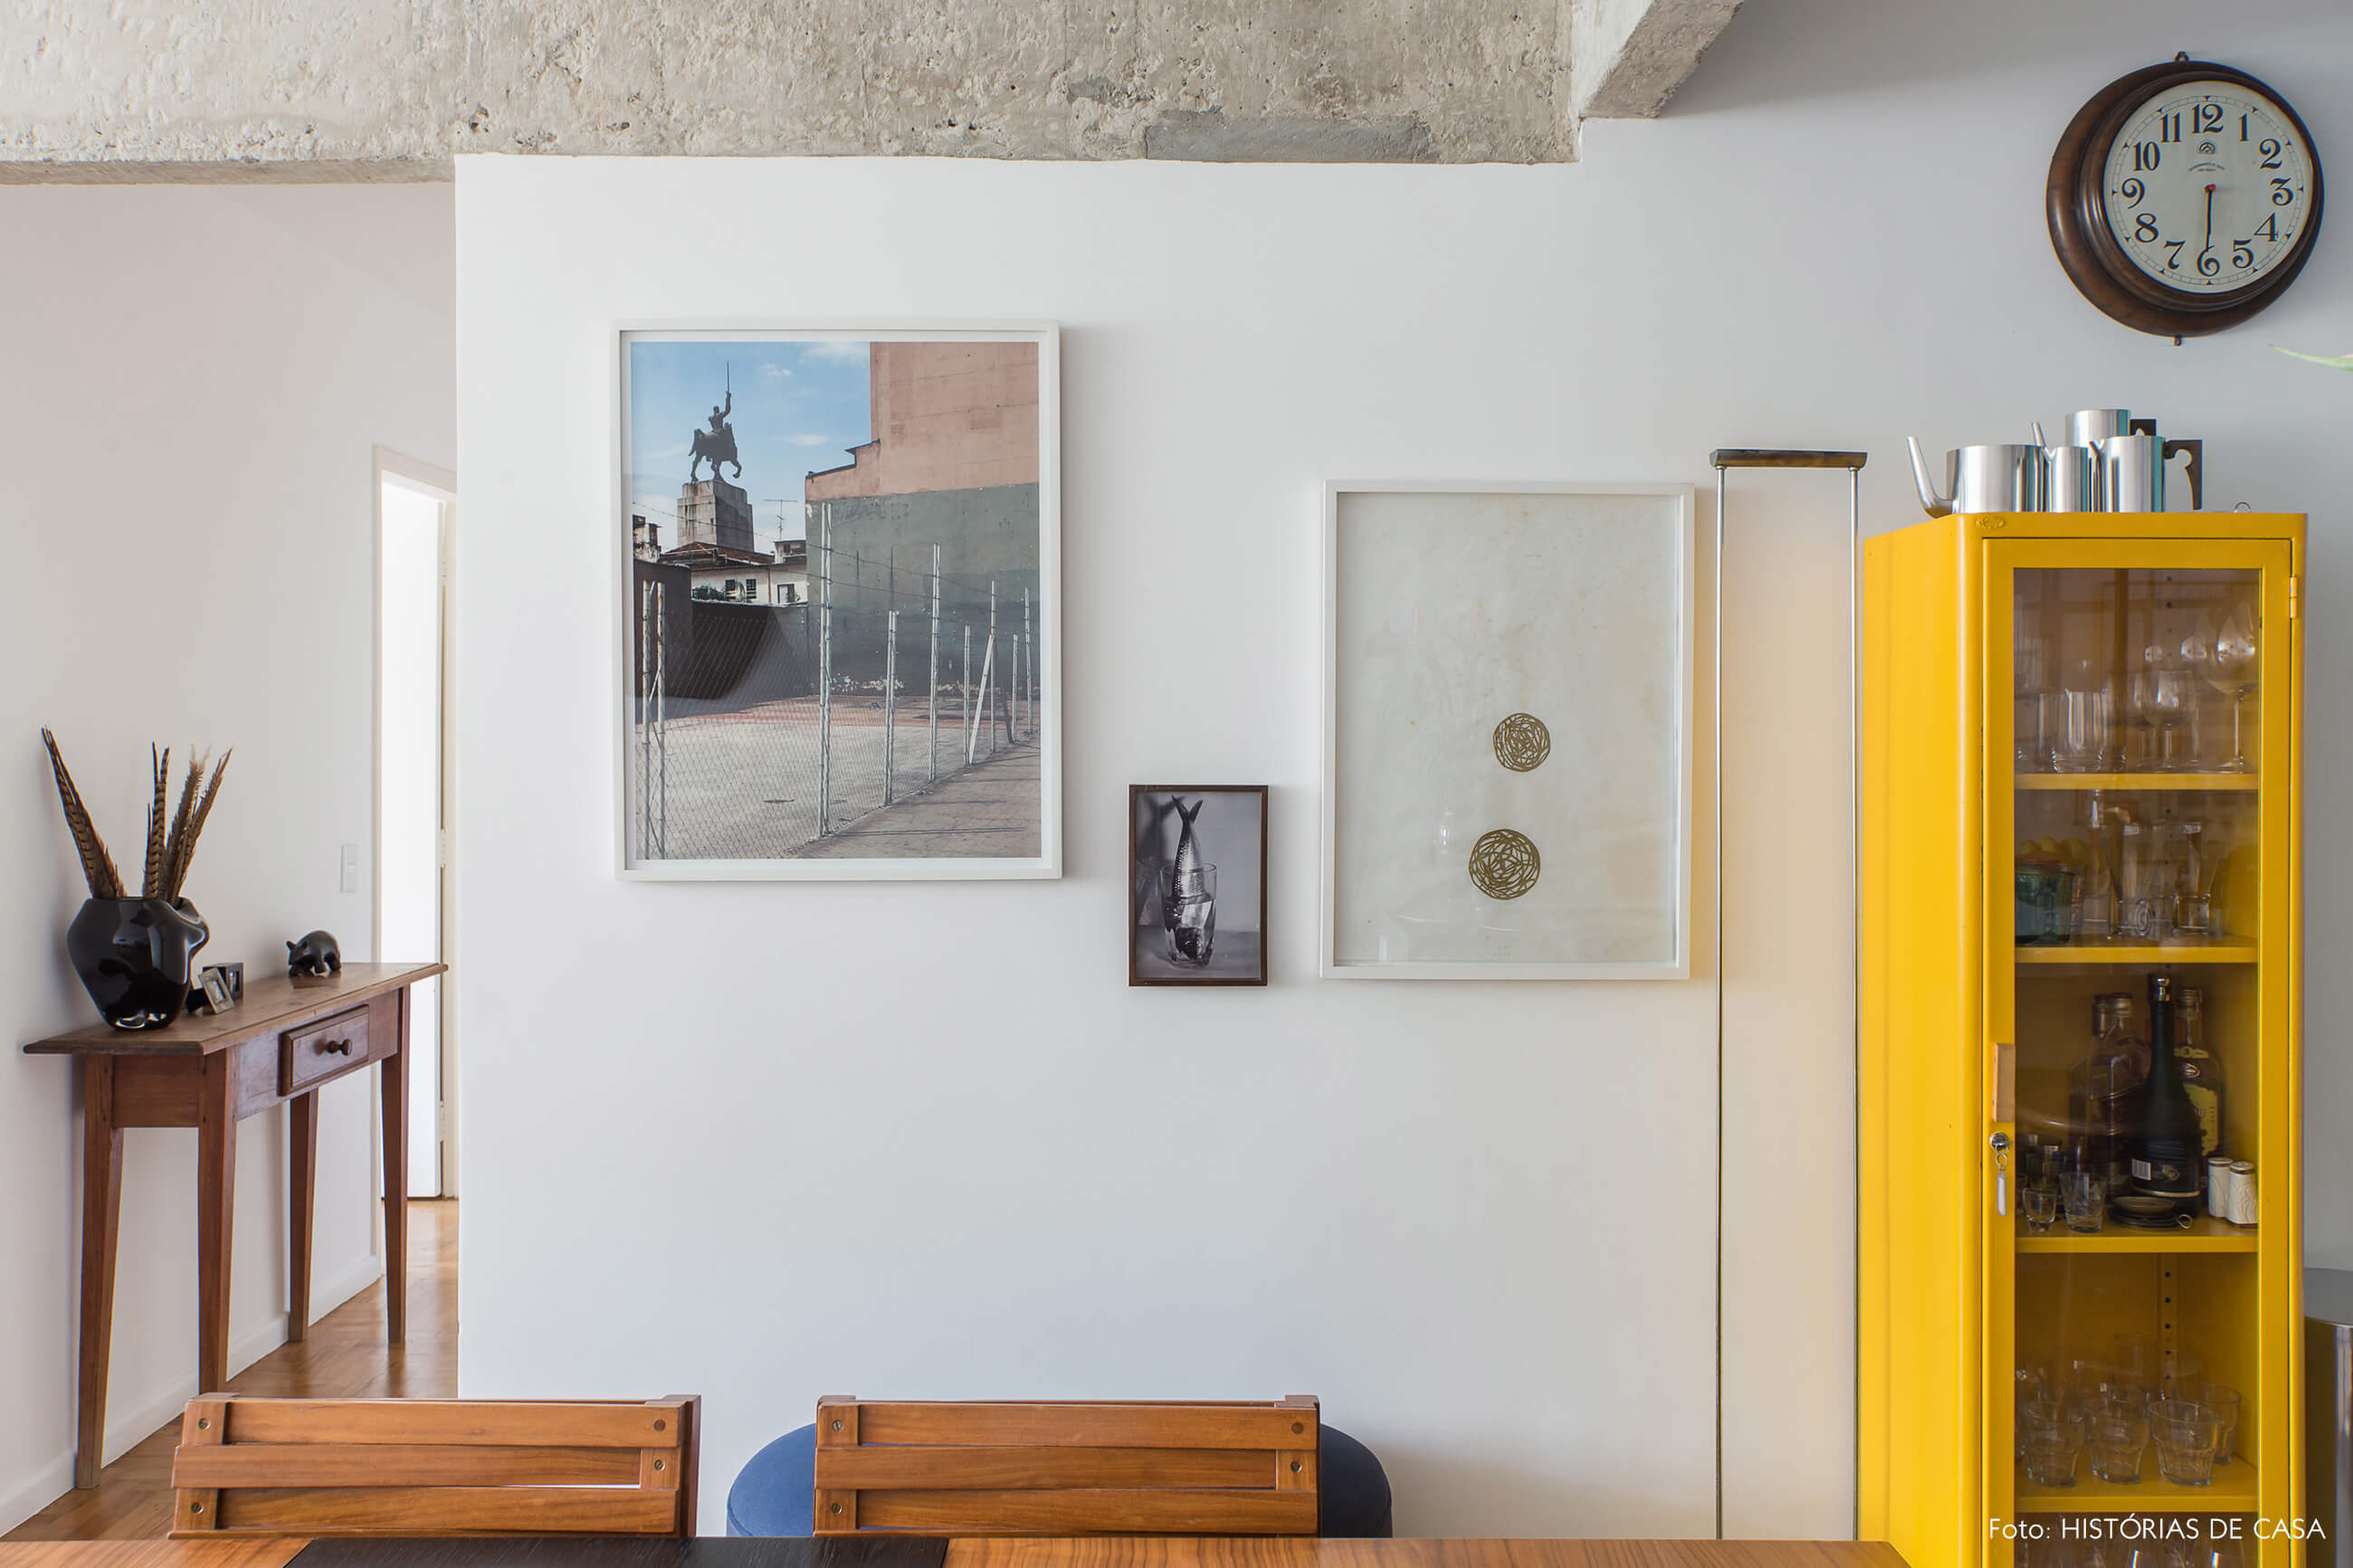 Parede de quadros e armário antigo amarelo